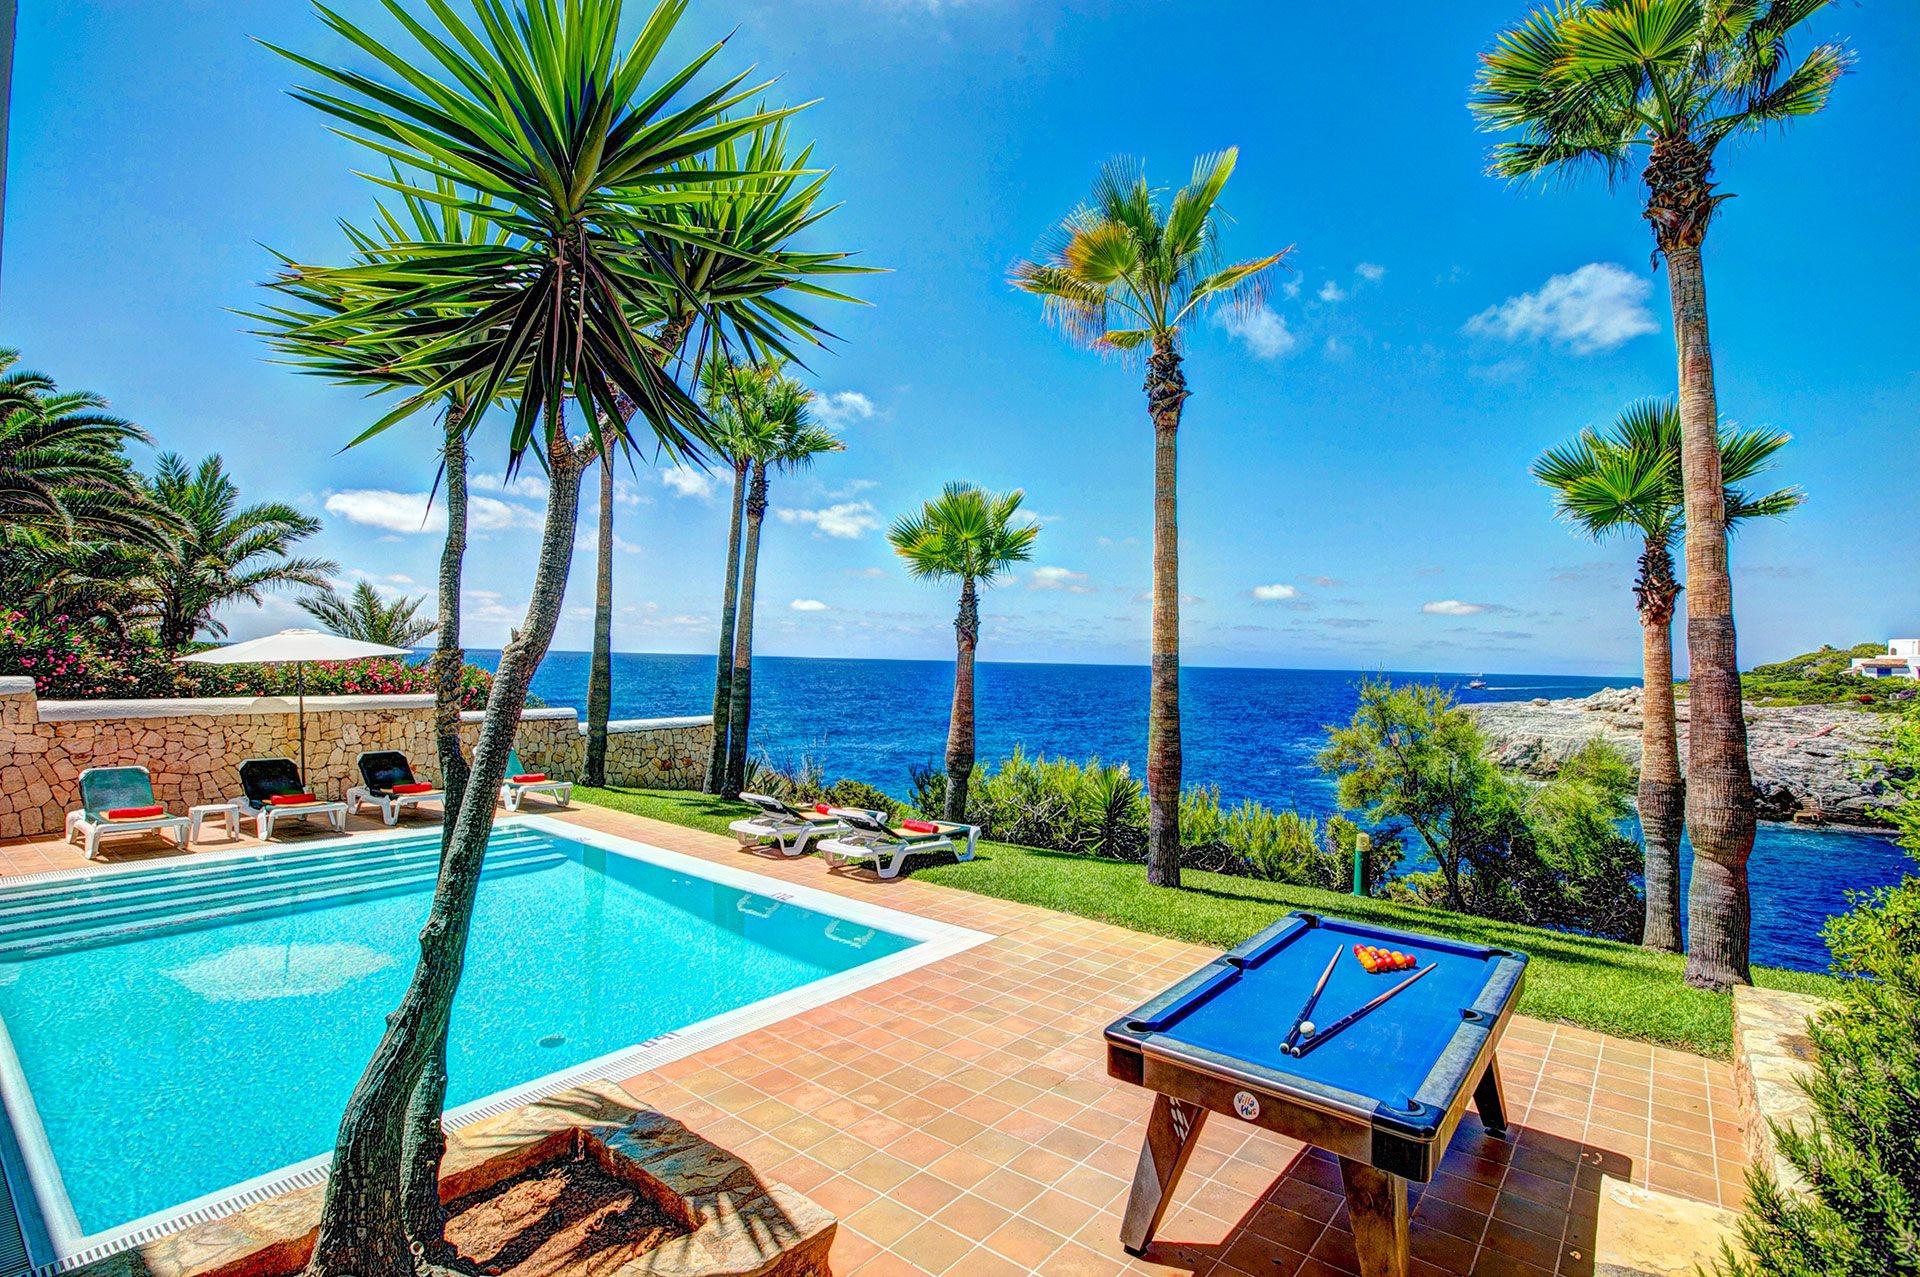 Villa Mar Oberta, Cala D'or, Majorca, Spain